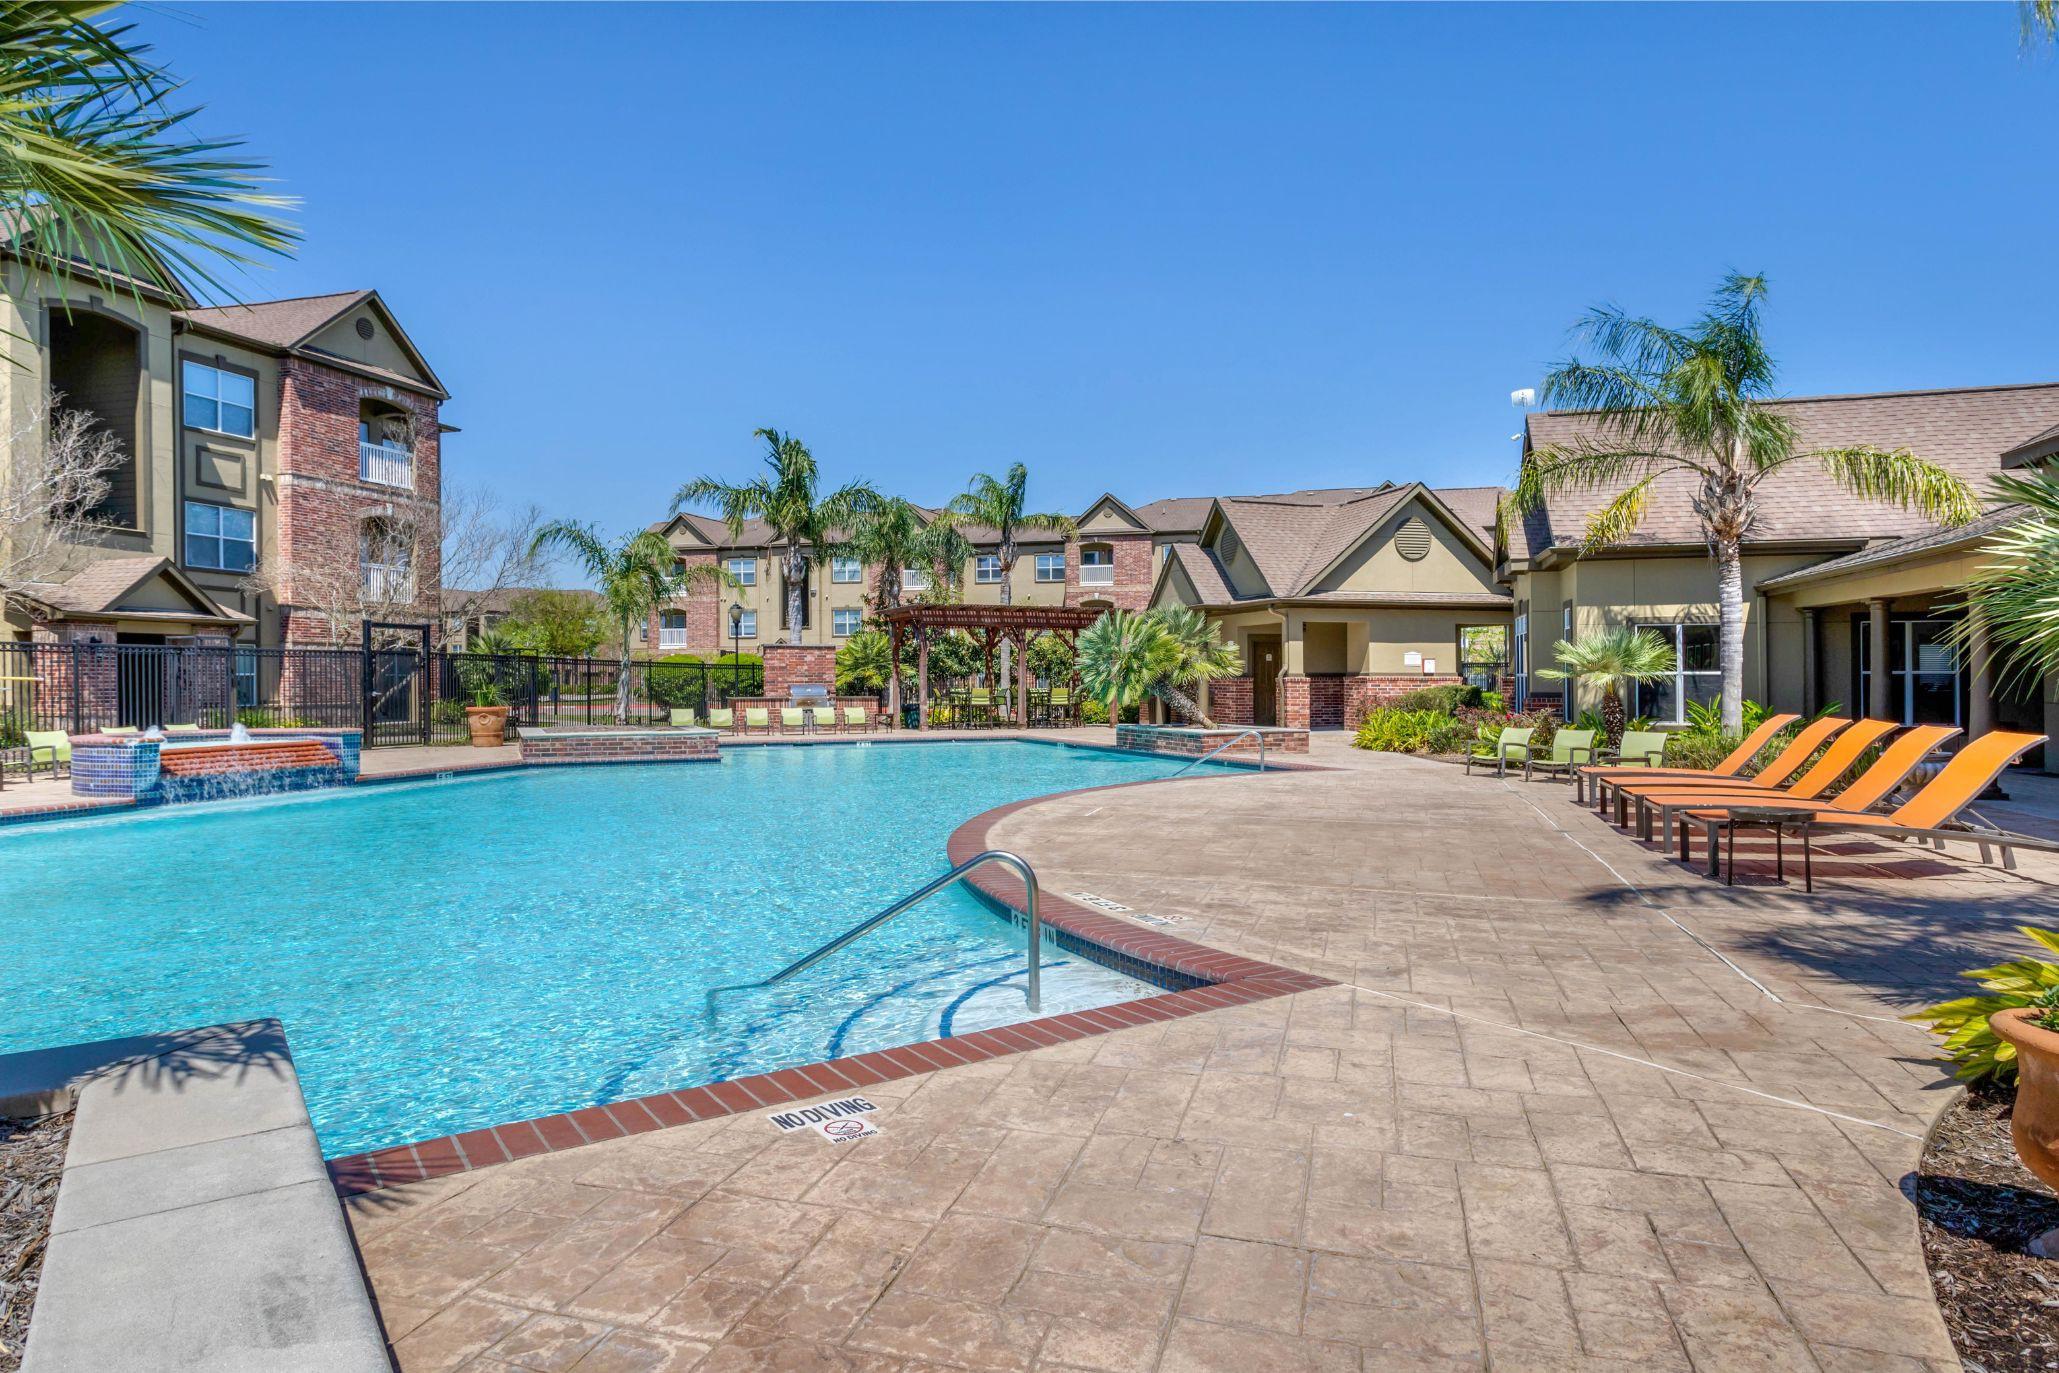 The Villas at Shadow Creek Apartments photo